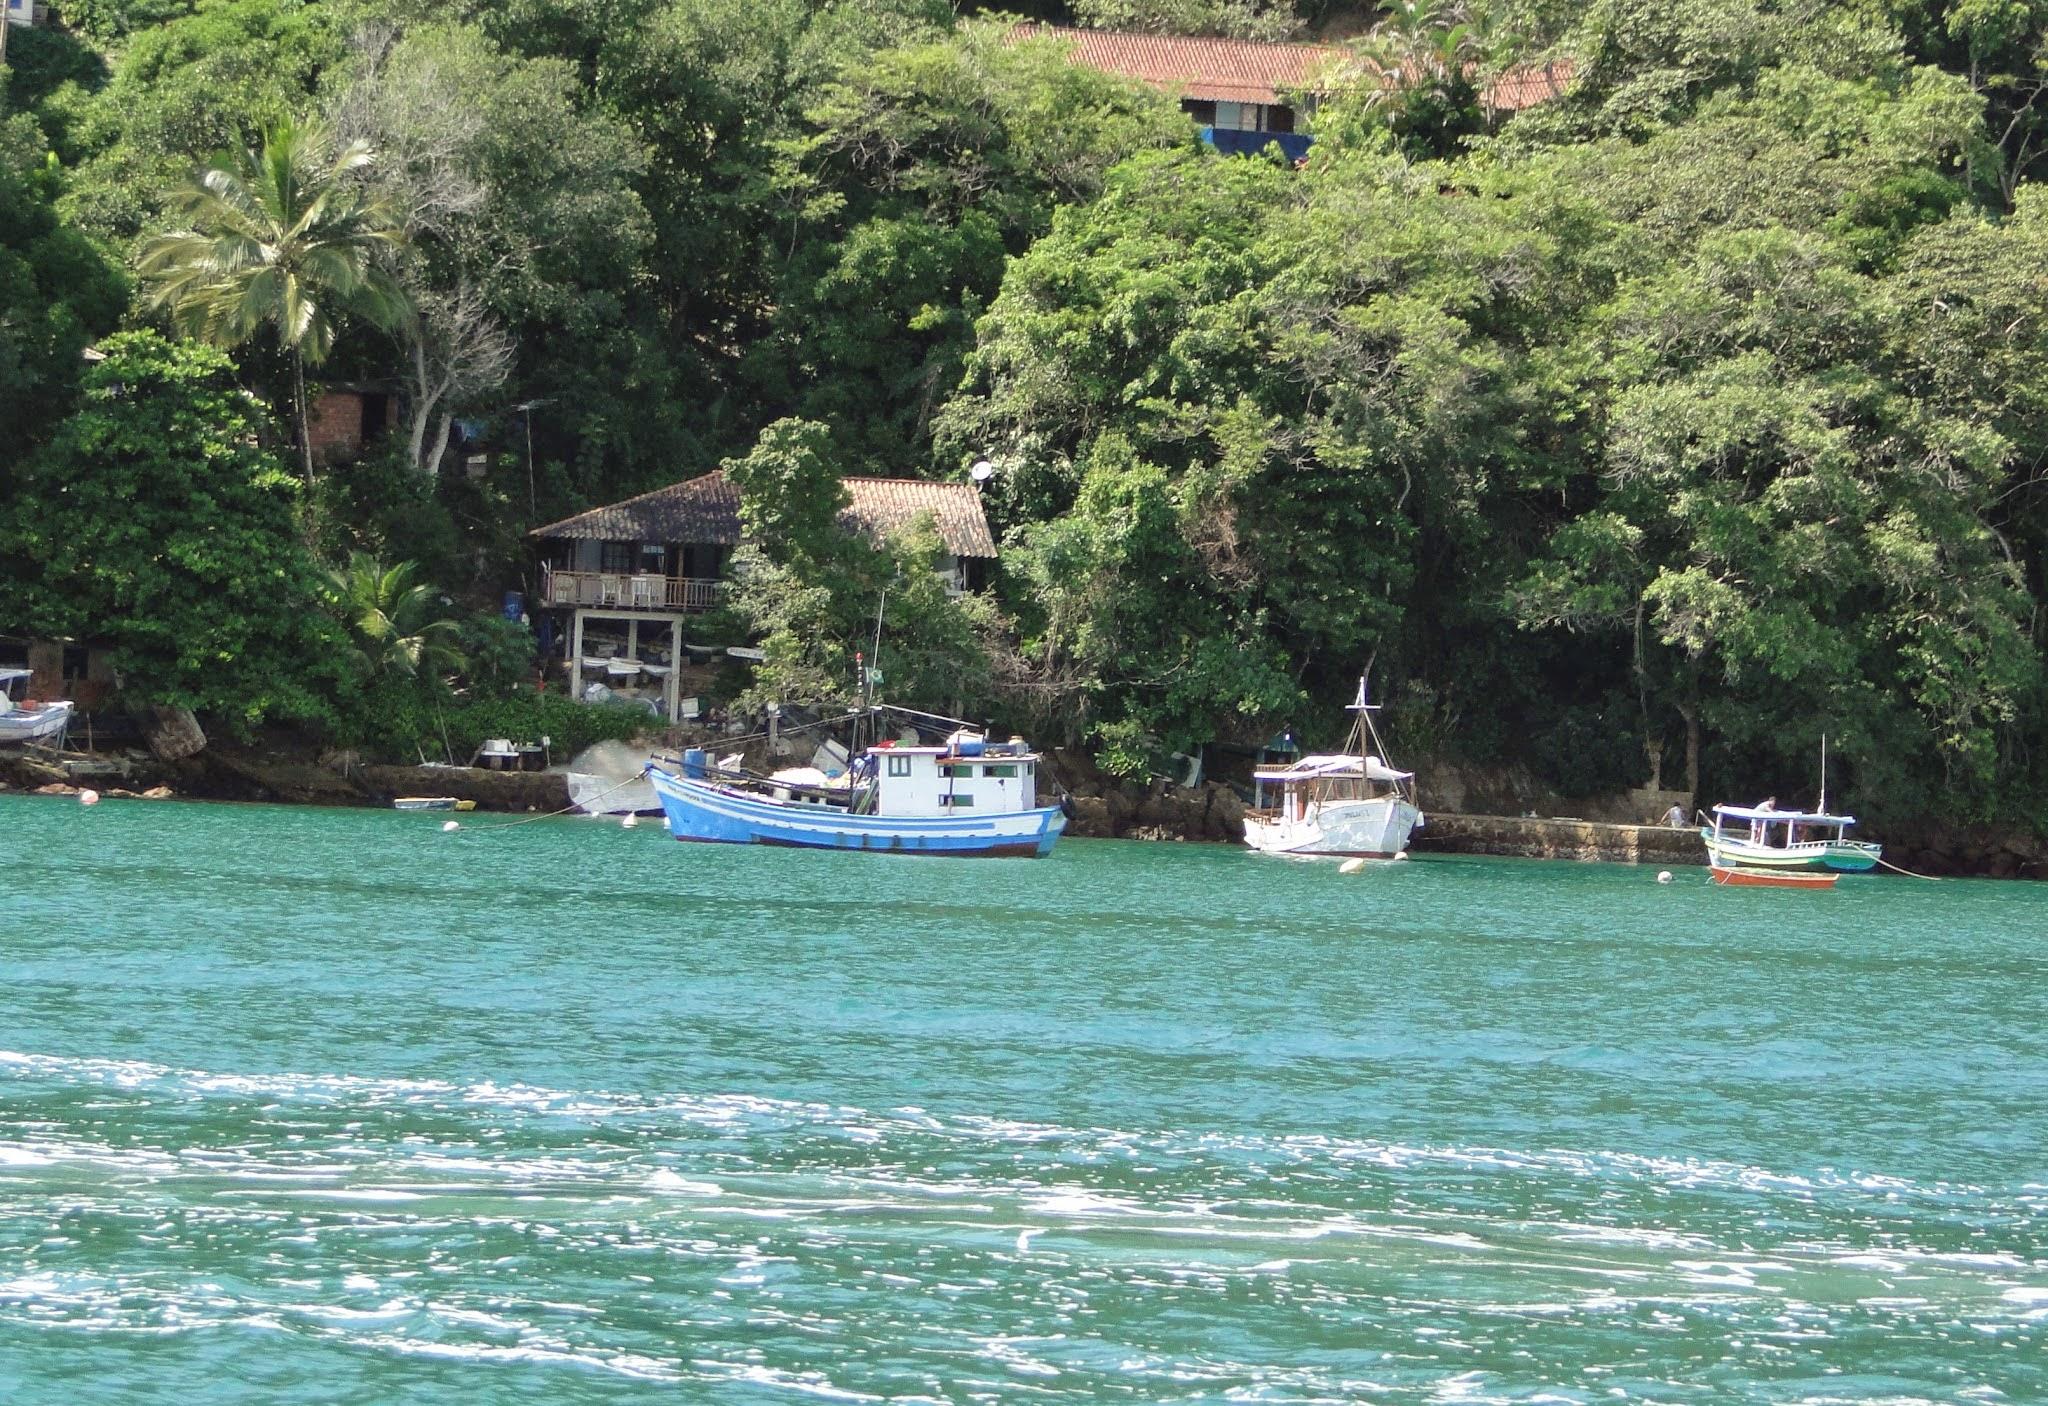 Passeio de barco em Paraty, Rio de Janeiro